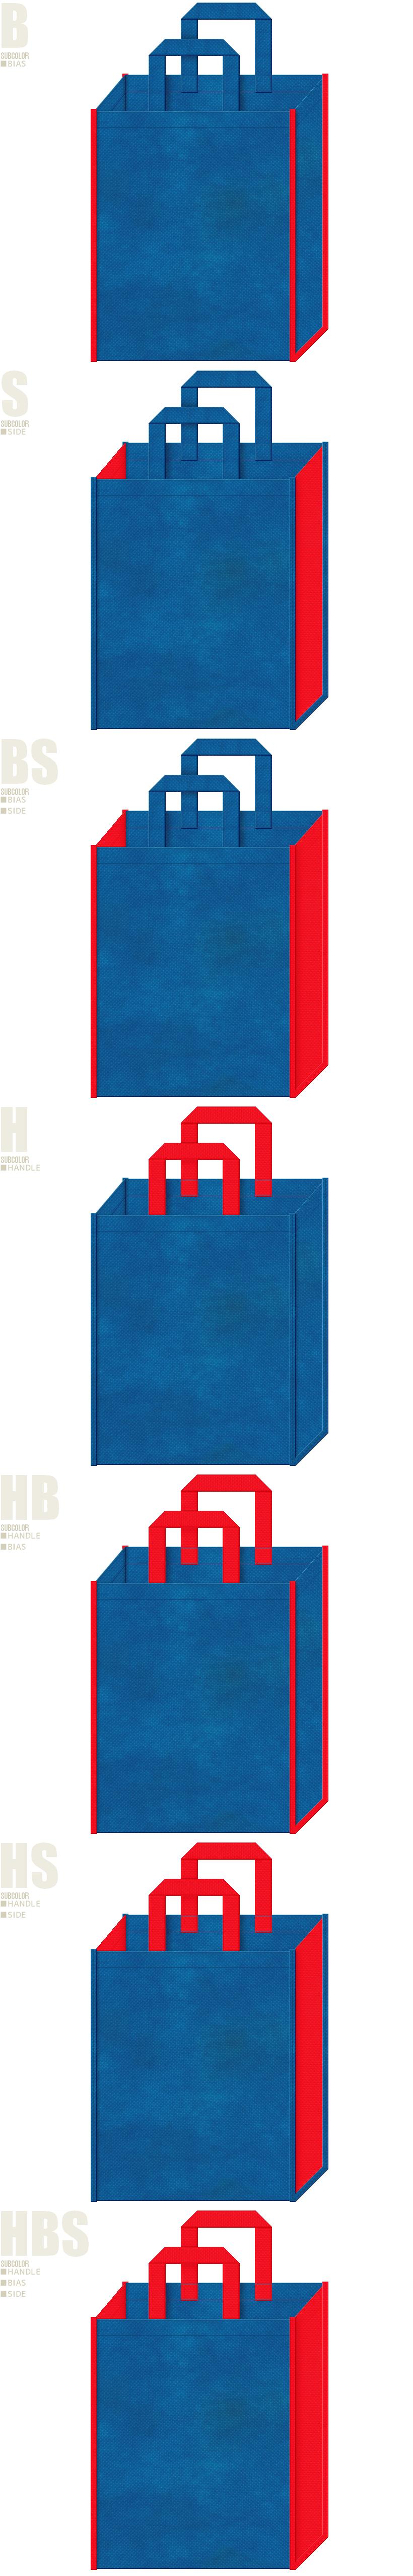 テーマパーク・おもちゃ・ロボット・ラジコン・プラモデル・ホビーの展示会用バッグにお奨めの不織布バッグデザイン:青色と赤色の配色7パターン